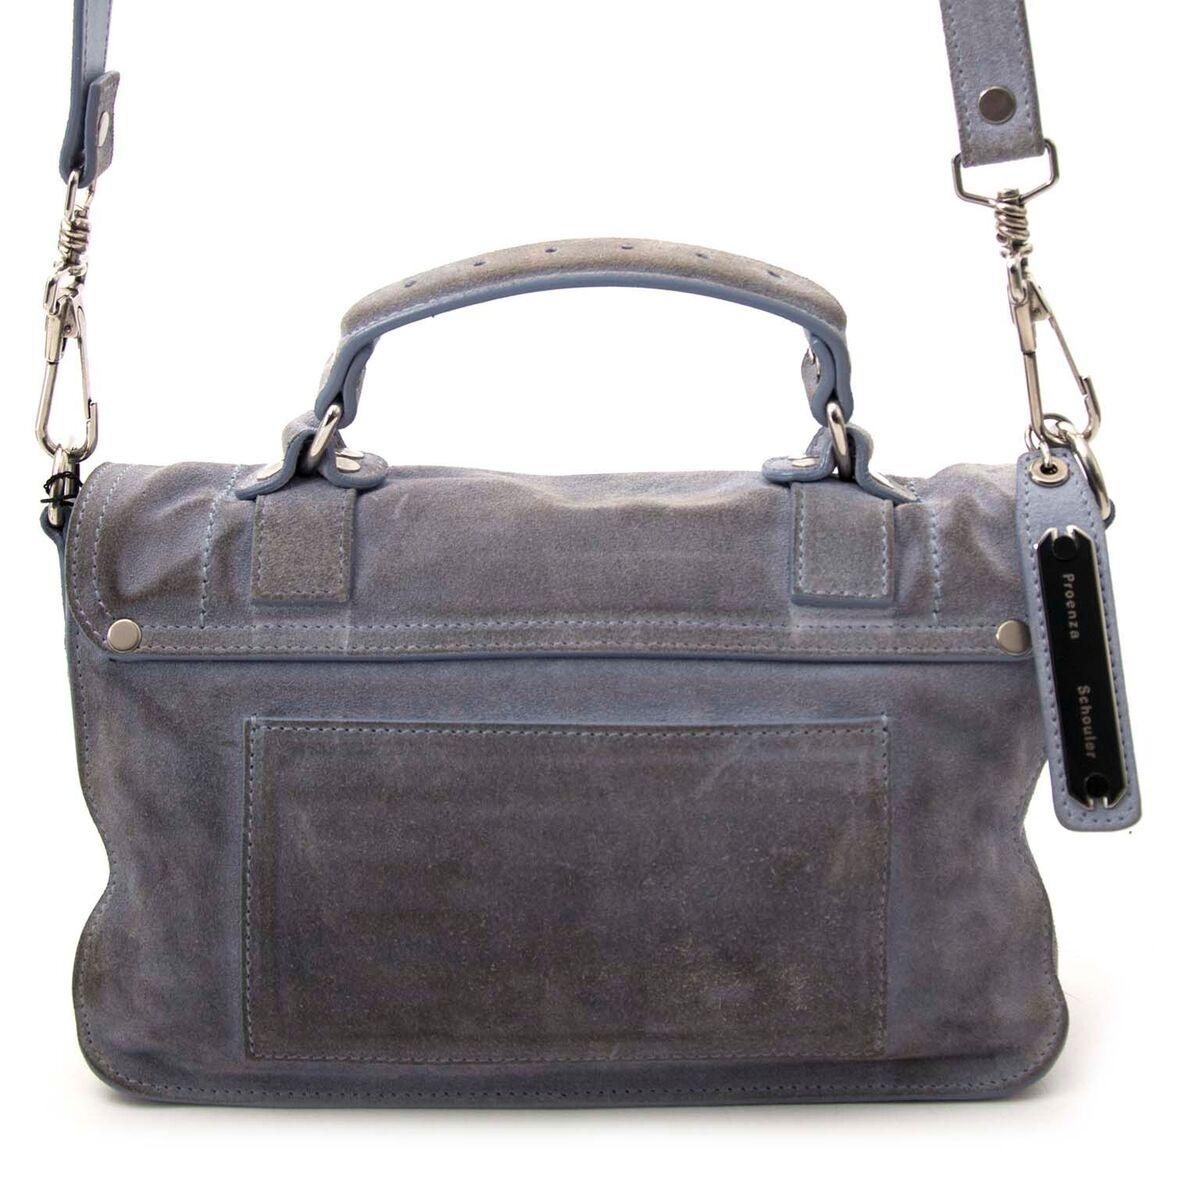 Koop authentieke tweedehands Proenza Shouler aan een eerlijke prijs bij LabelLOV. Veilig online shoppen.